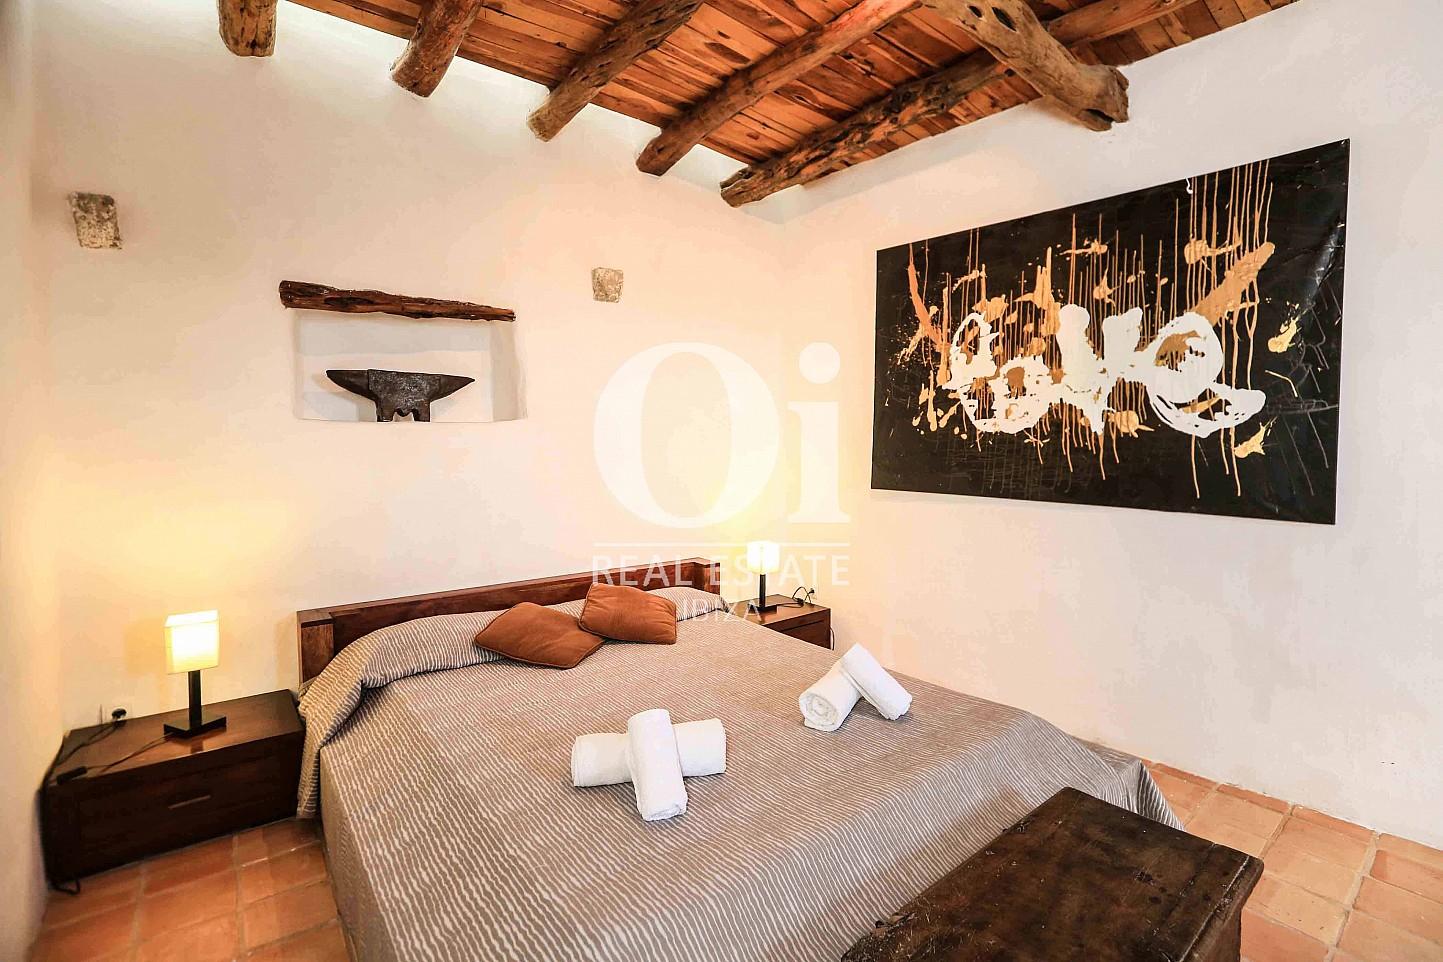 Habitación de matrimonio de casa en alquiler vacacional en zona Puig d'en Valls, Ibiza